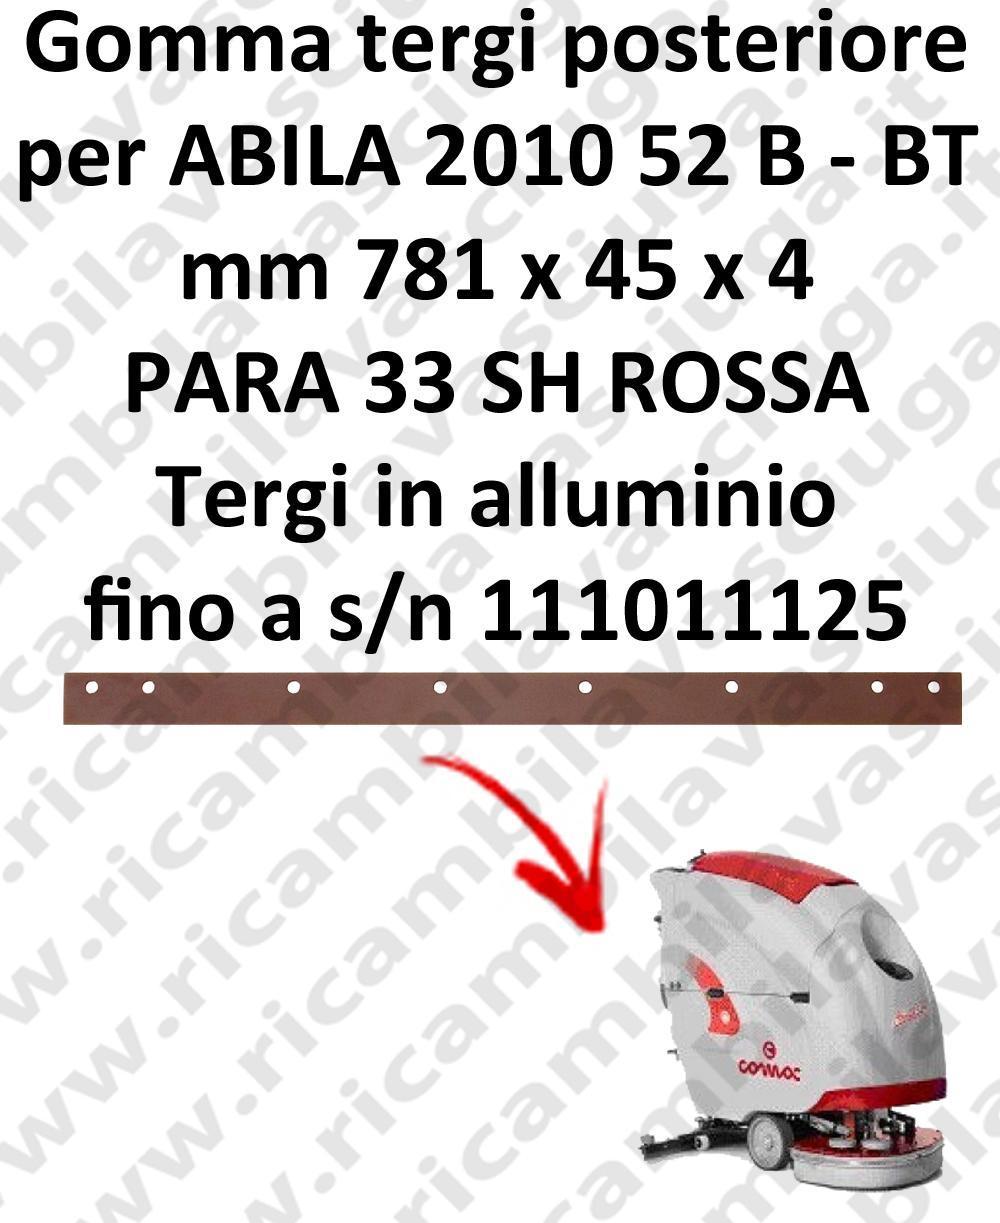 ABILA 2010 52 B - BT fino a s/n 111011125 goma de secado trasero para COMAC repuestos fregadoras squeegee